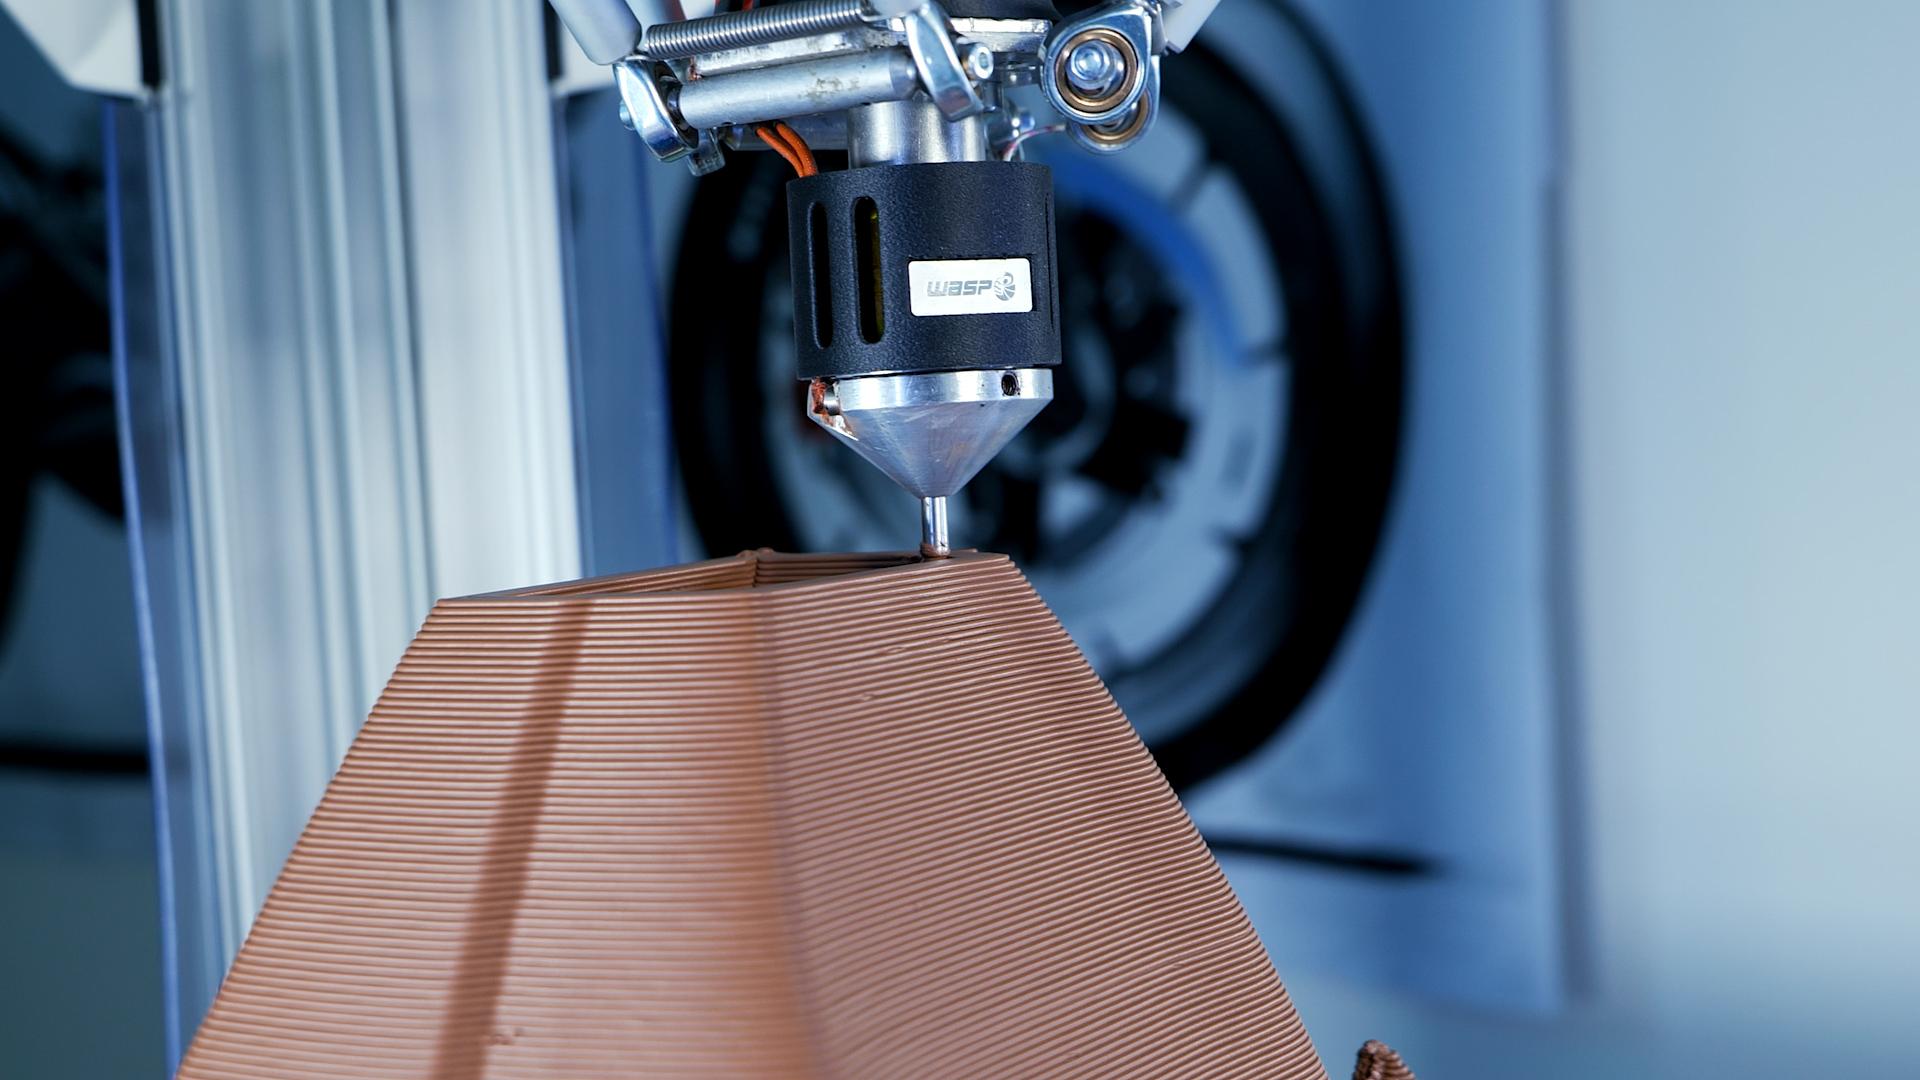 WASP' LDM 3D printing process. Photo via WASP.